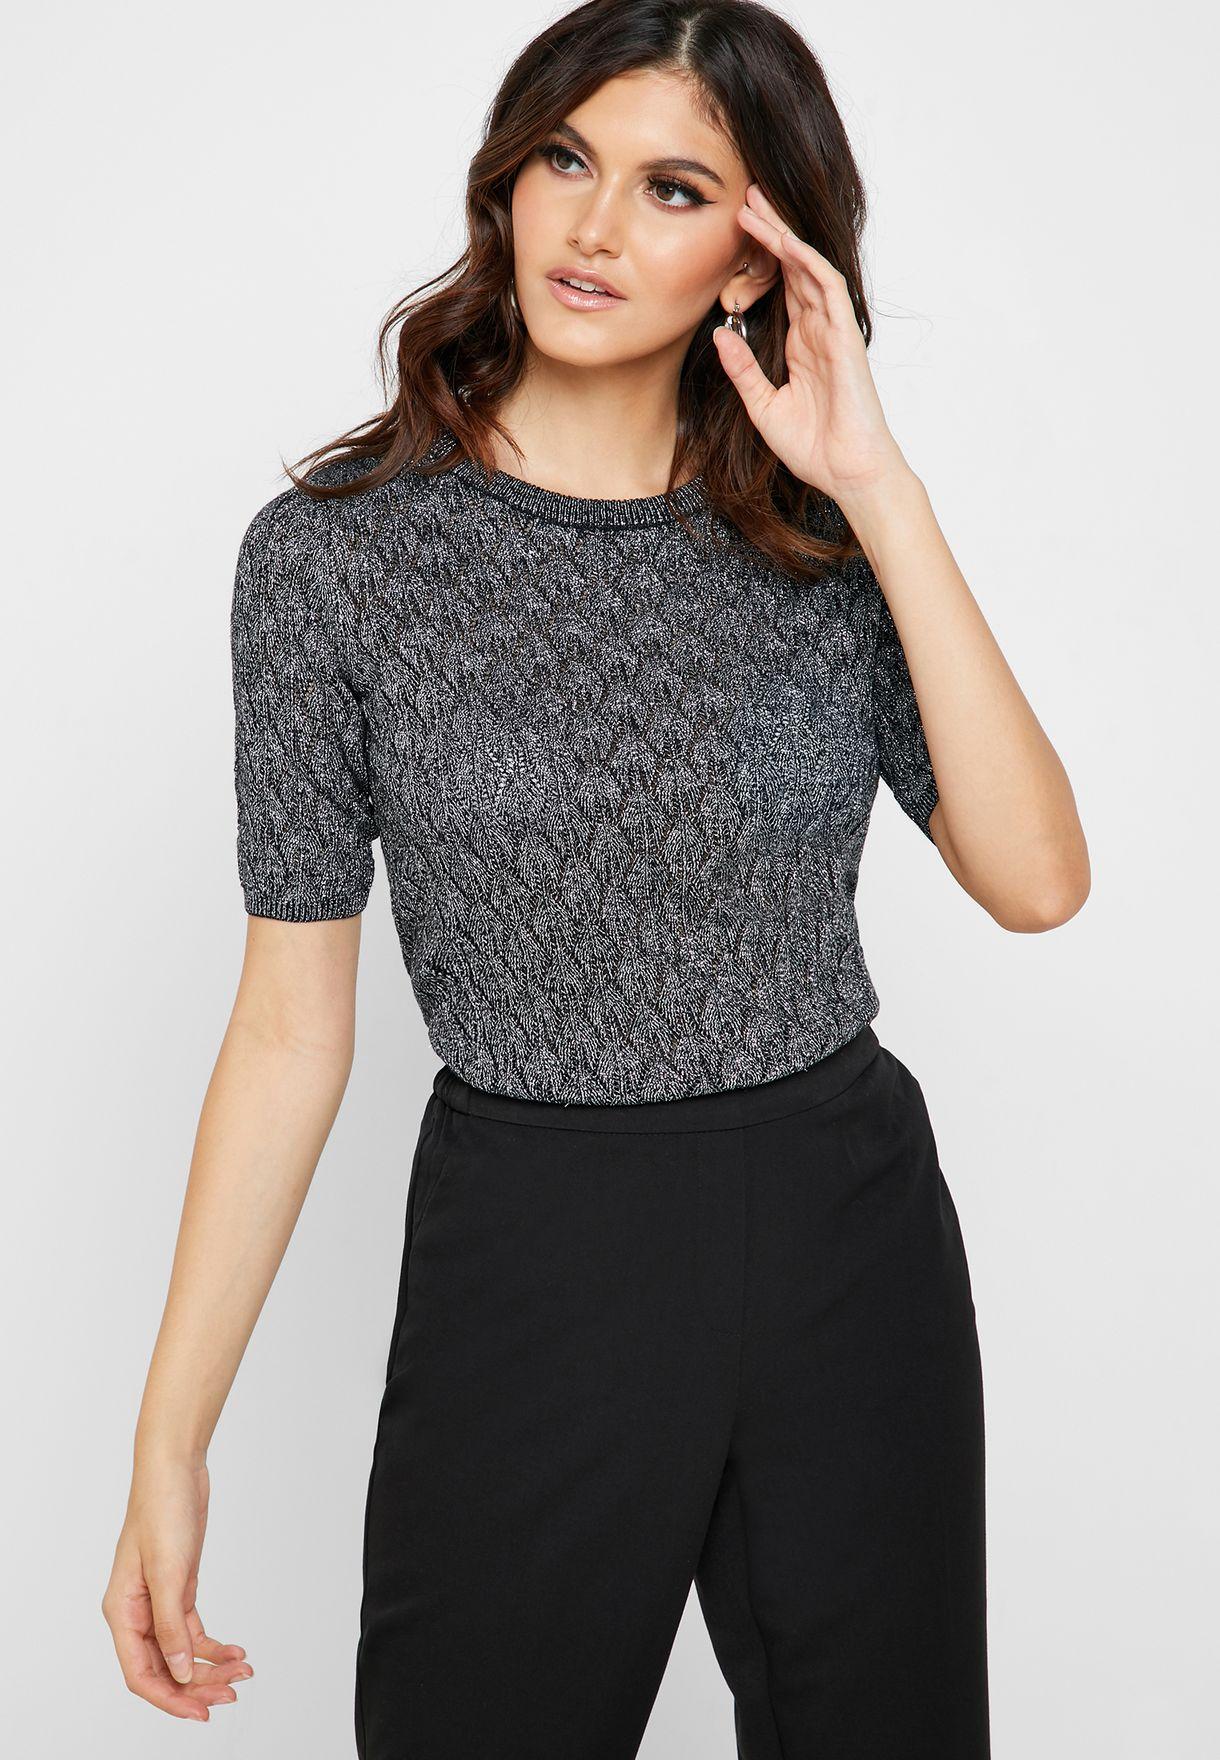 Short Sleeve Openwork Sweater